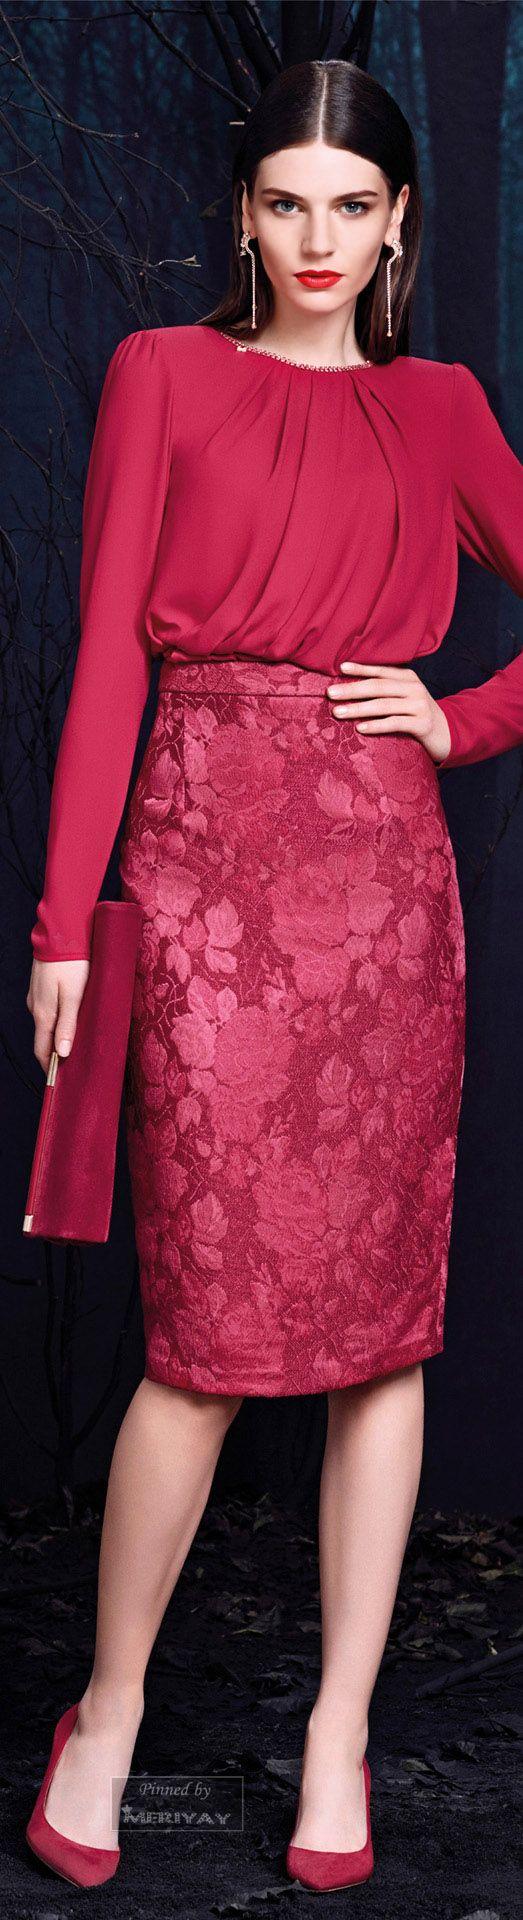 Элизабетта франчи дива пальто женские больших размеров купить в спб